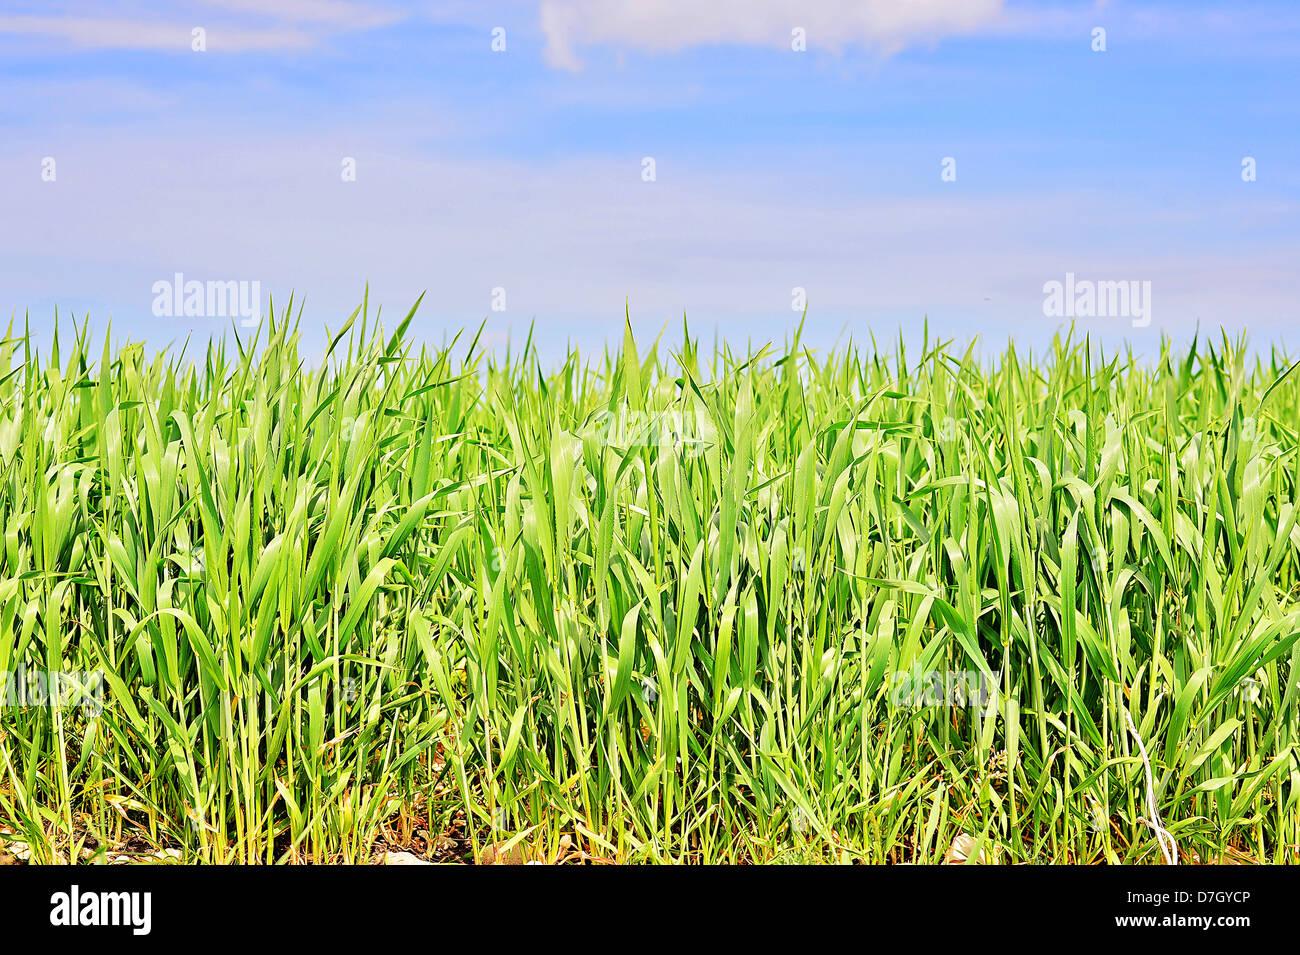 Campo Verde, la hierba, el cielo azul, Antecedentes, Paisaje, Imagen De Stock